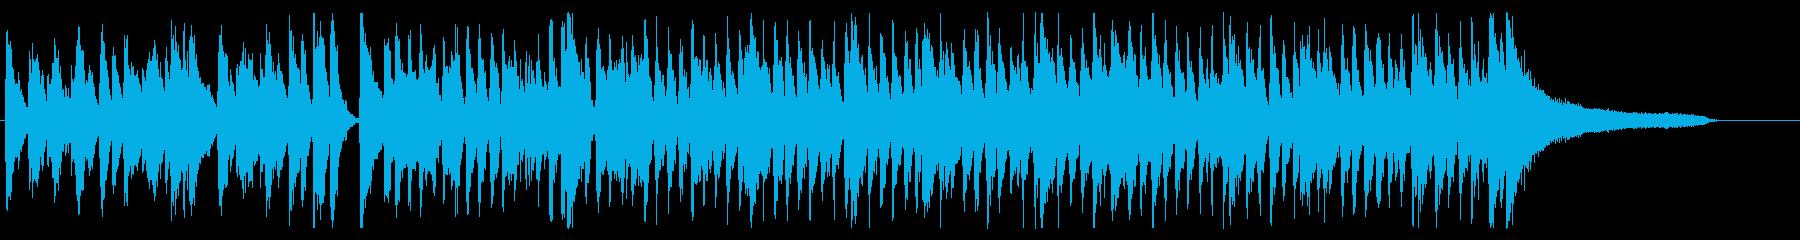 ラグタイム/ピエロの陽気さ、怪しさ_短めの再生済みの波形